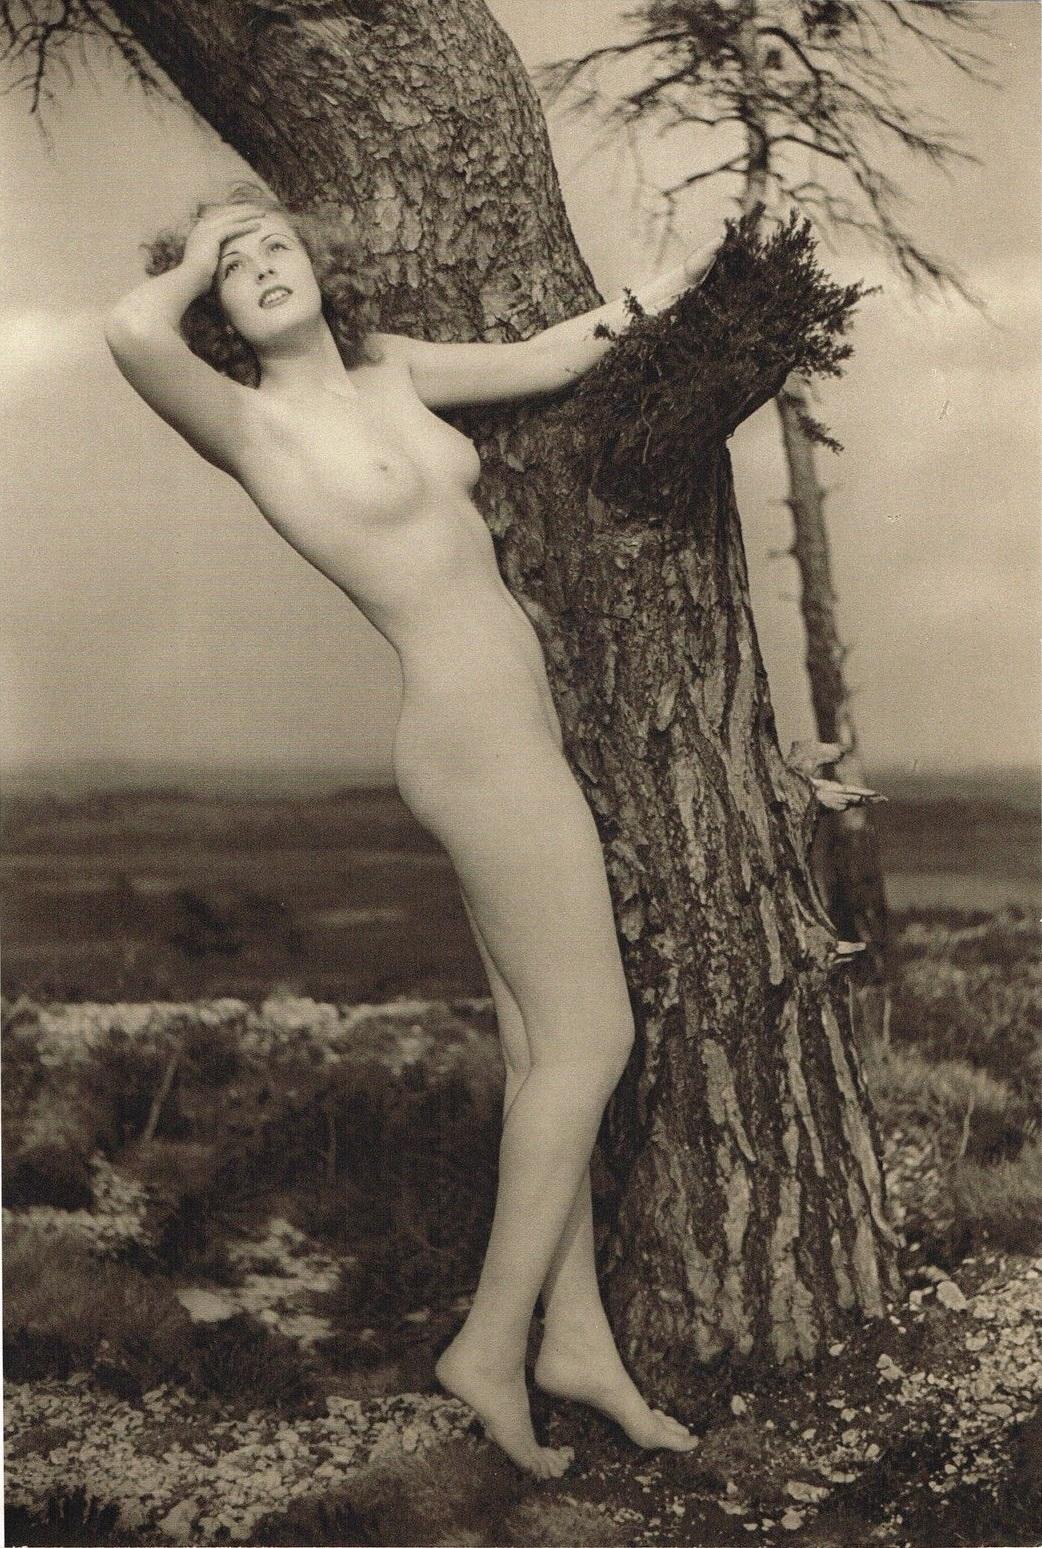 John Everard -Study of Nude (Nude Lady Landscape) photogravure 1940 1